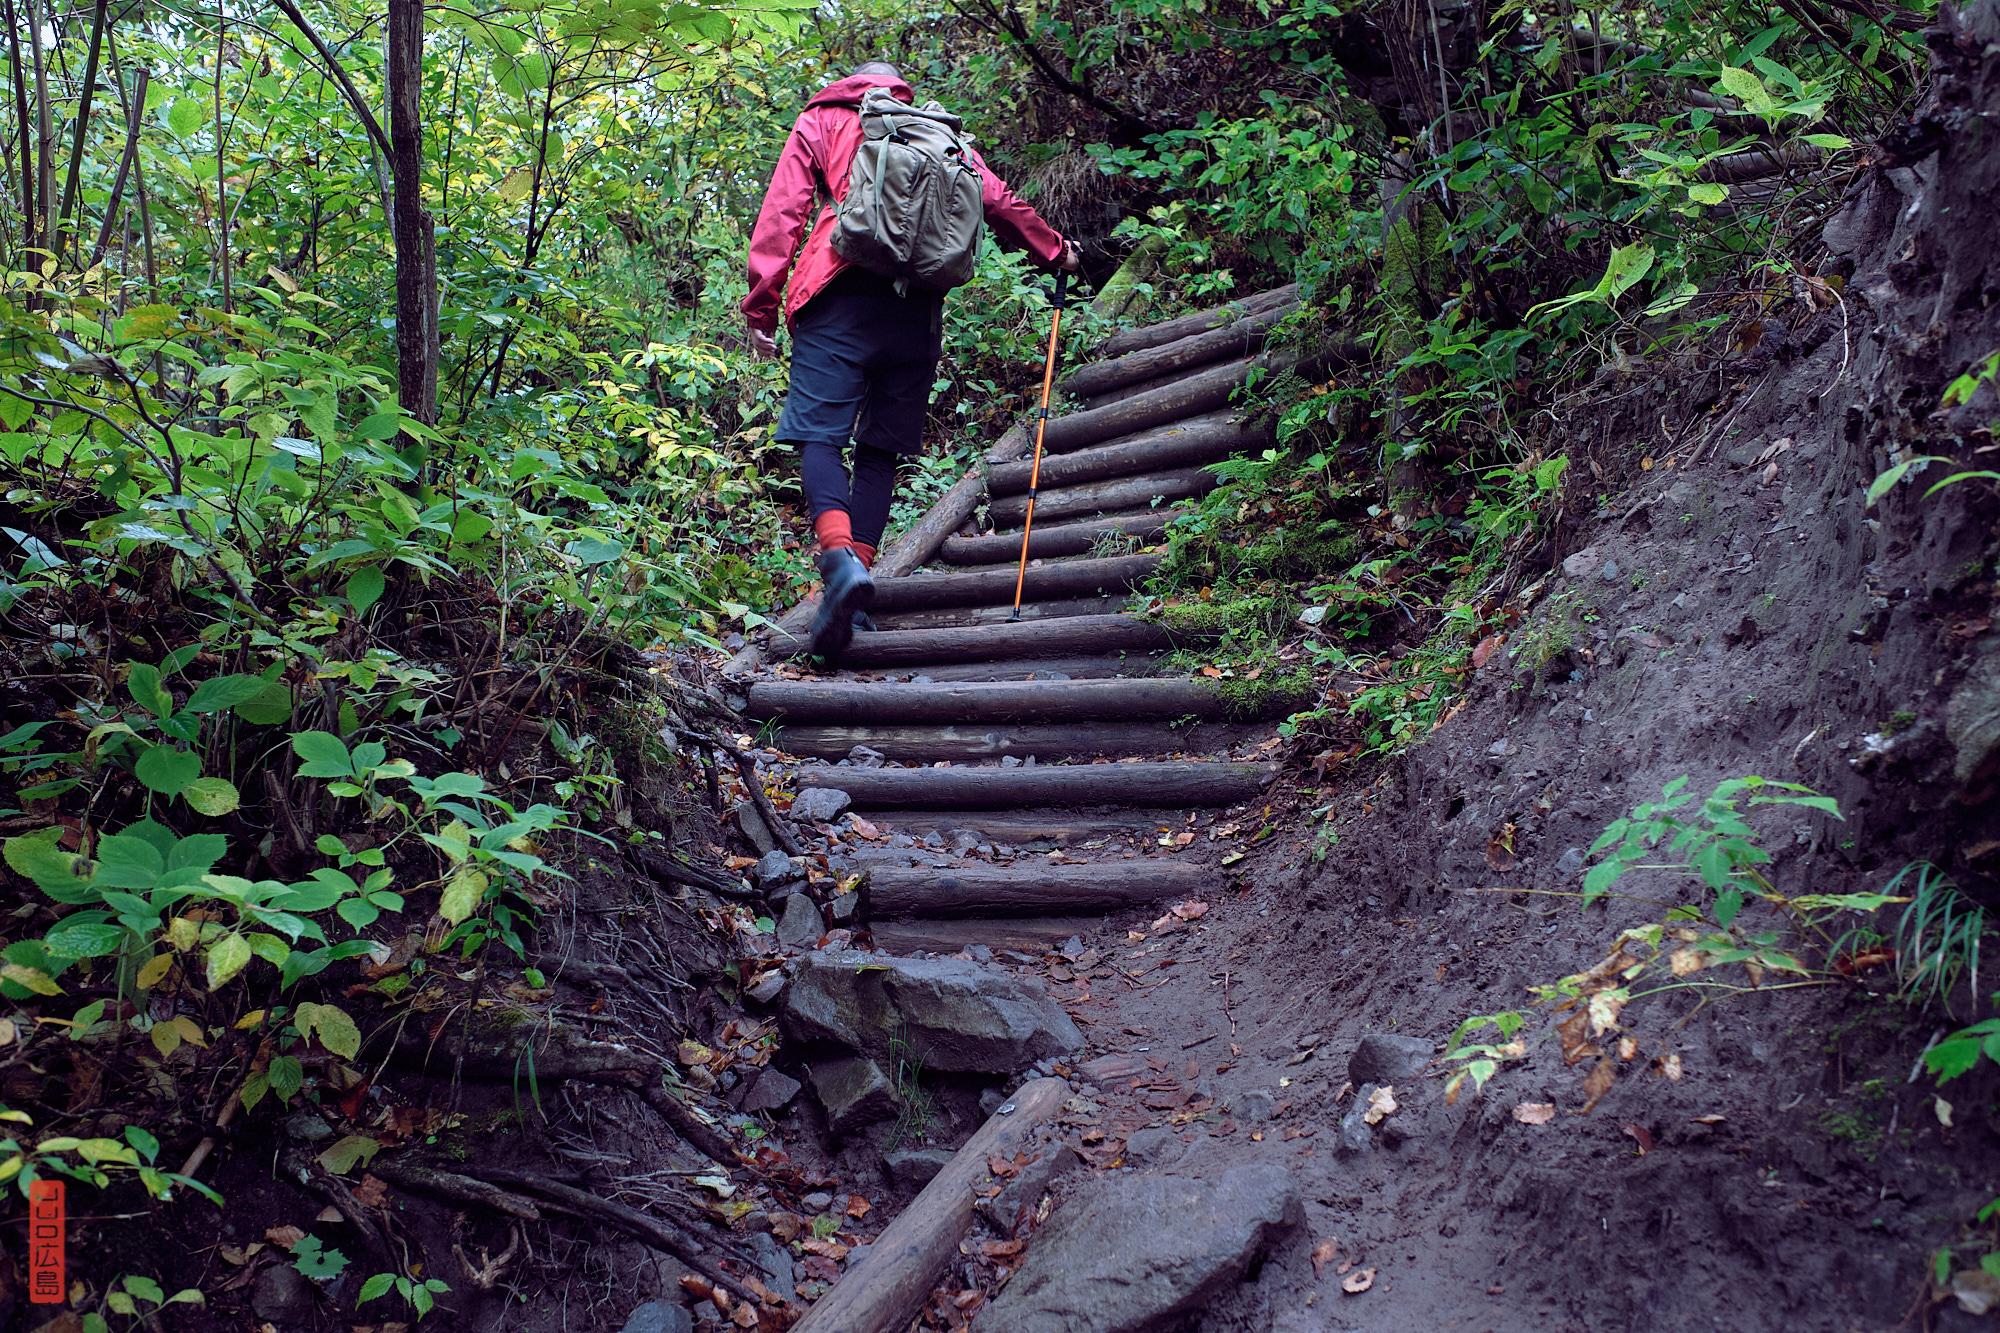 marches en bois dans la forêt, randonnée mont Daisen